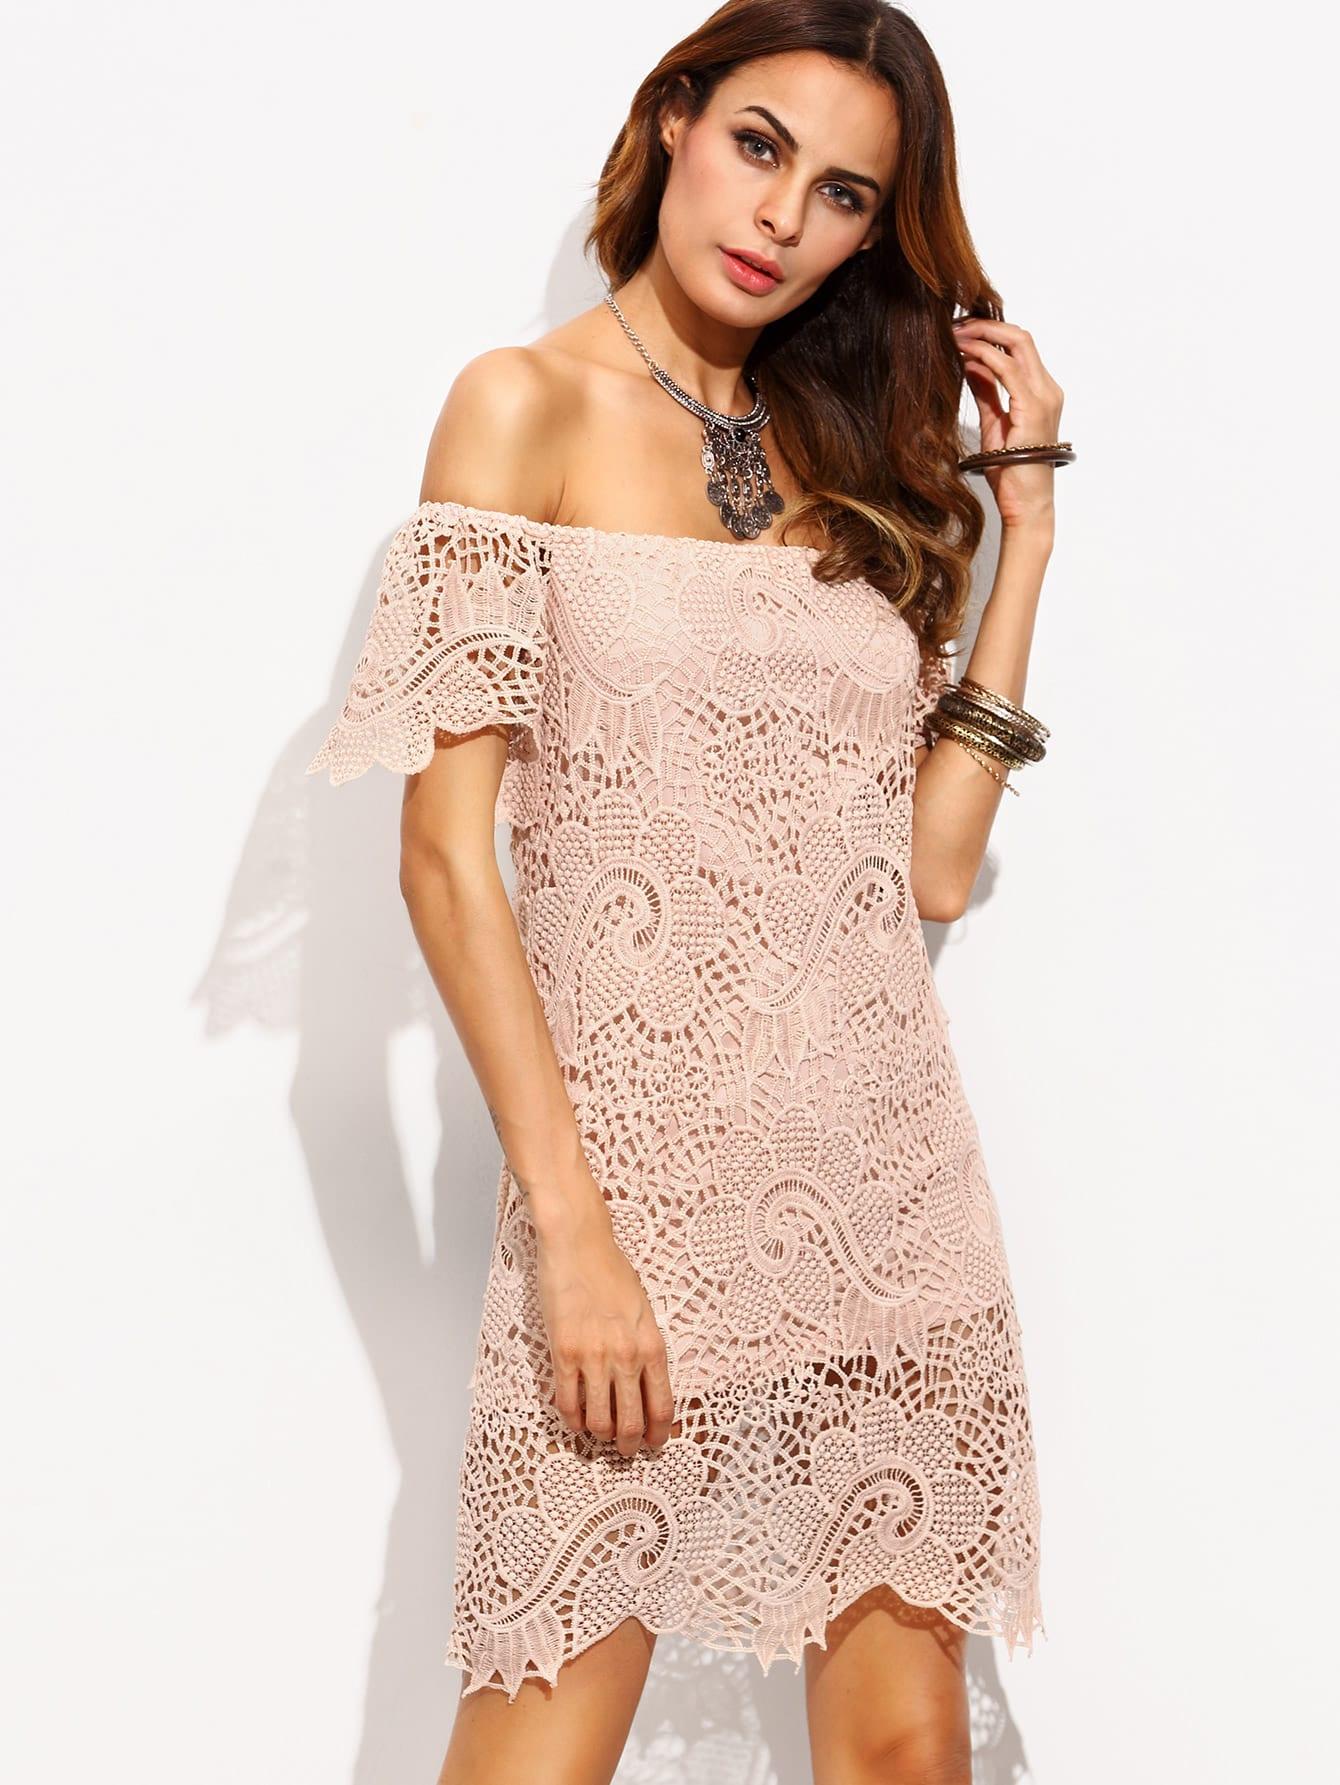 Light Pink Crochet Off The Shoulder Sheath DressLight Pink Crochet Off The Shoulder Sheath Dress<br><br>color: Pink<br>size: XS